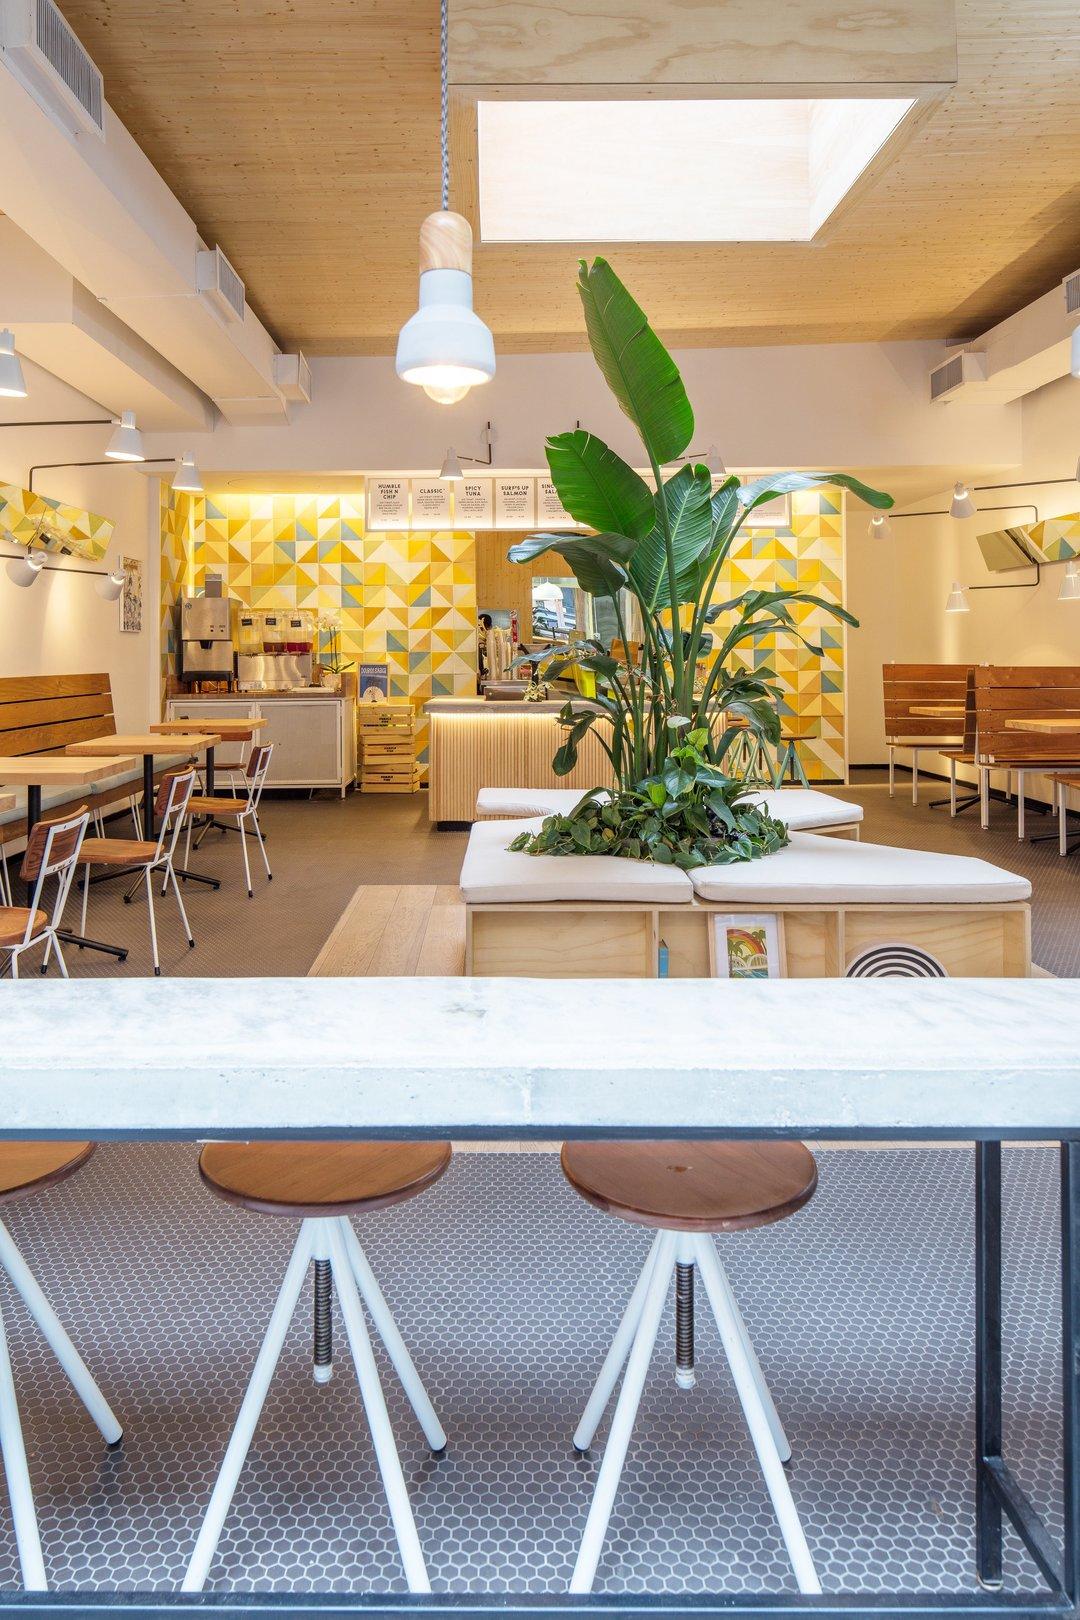 植物、自然光和足够多的座位,都在这家小快餐店里安排好了_设计_好奇心日报